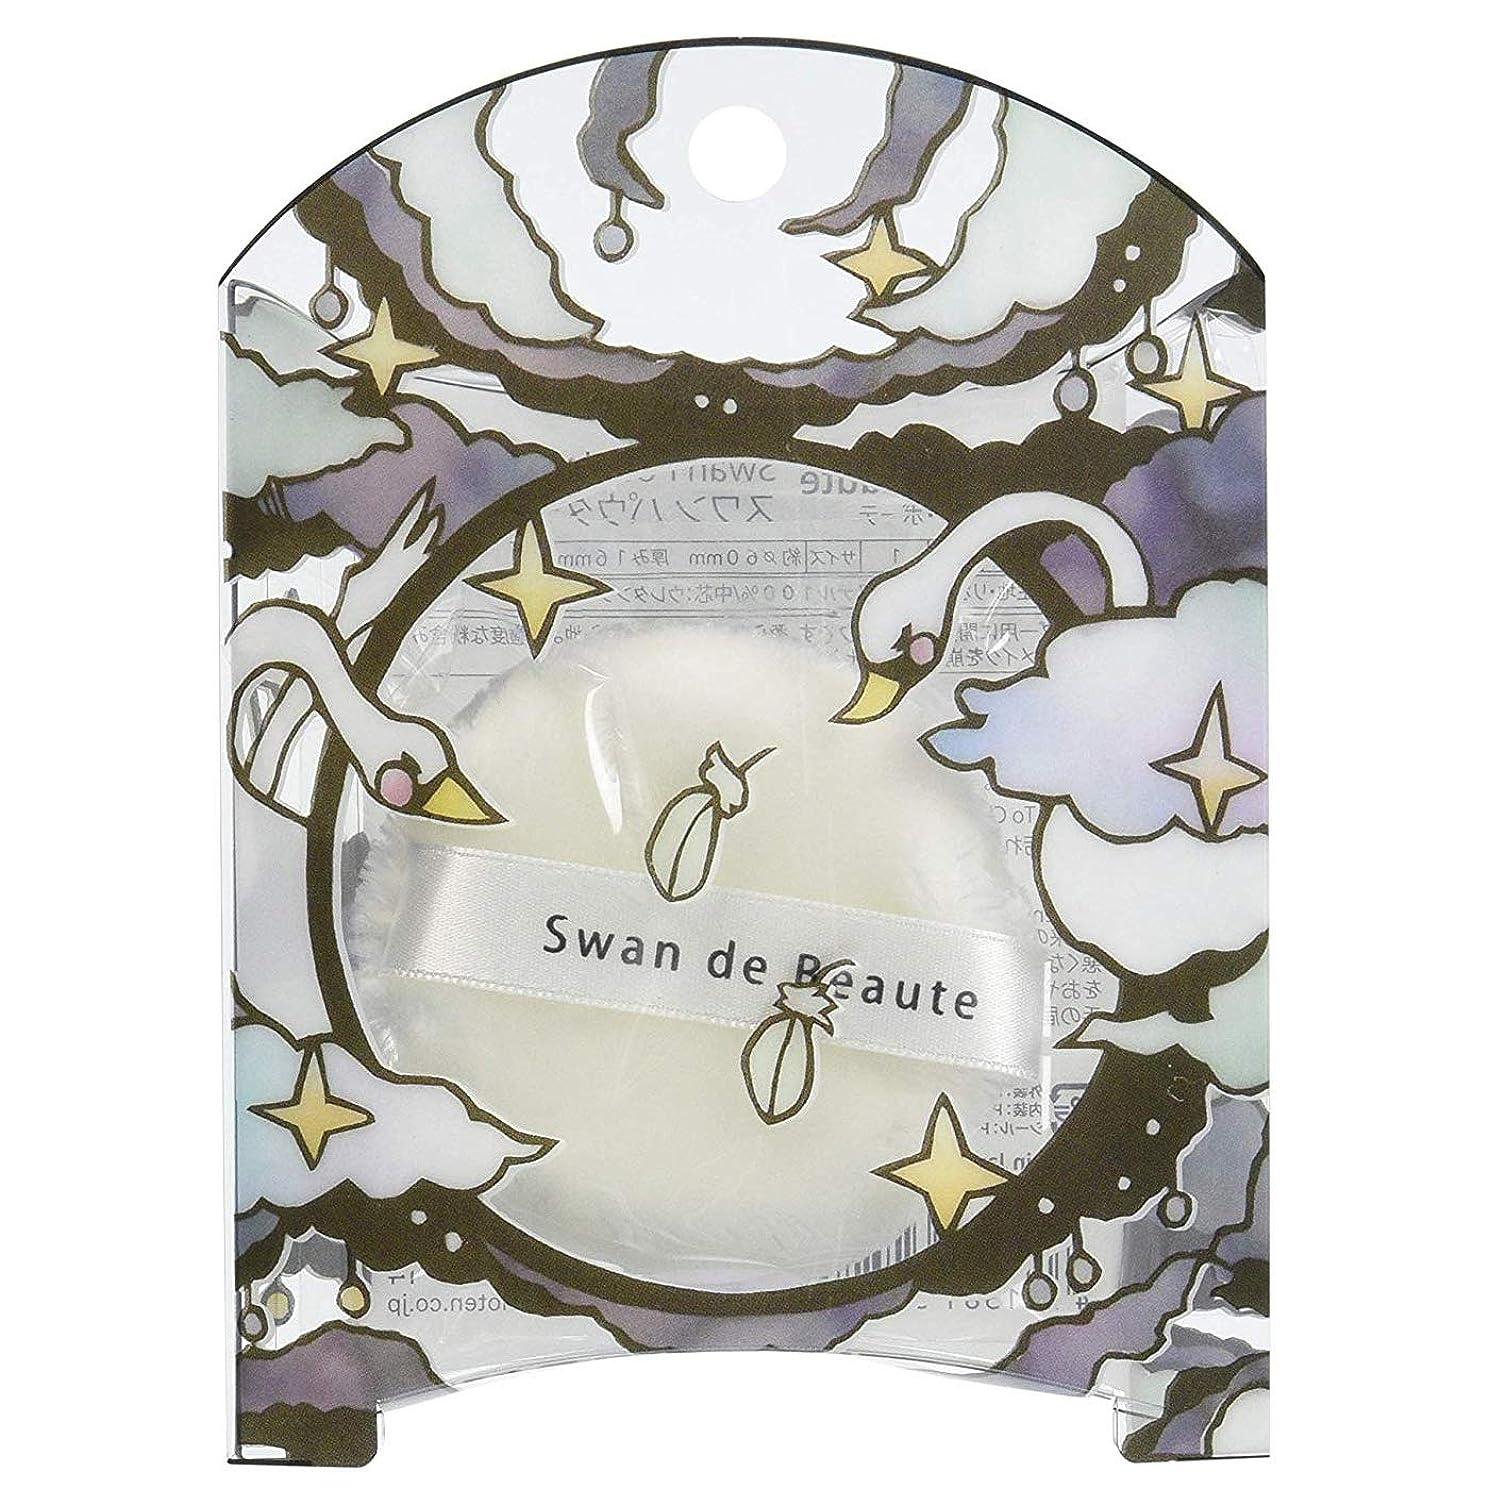 ダイヤルこどもの日暴露するswan de beaute(スワン?ド?ボーテ) スワン パウダーパフ SWAN-02 (1個)